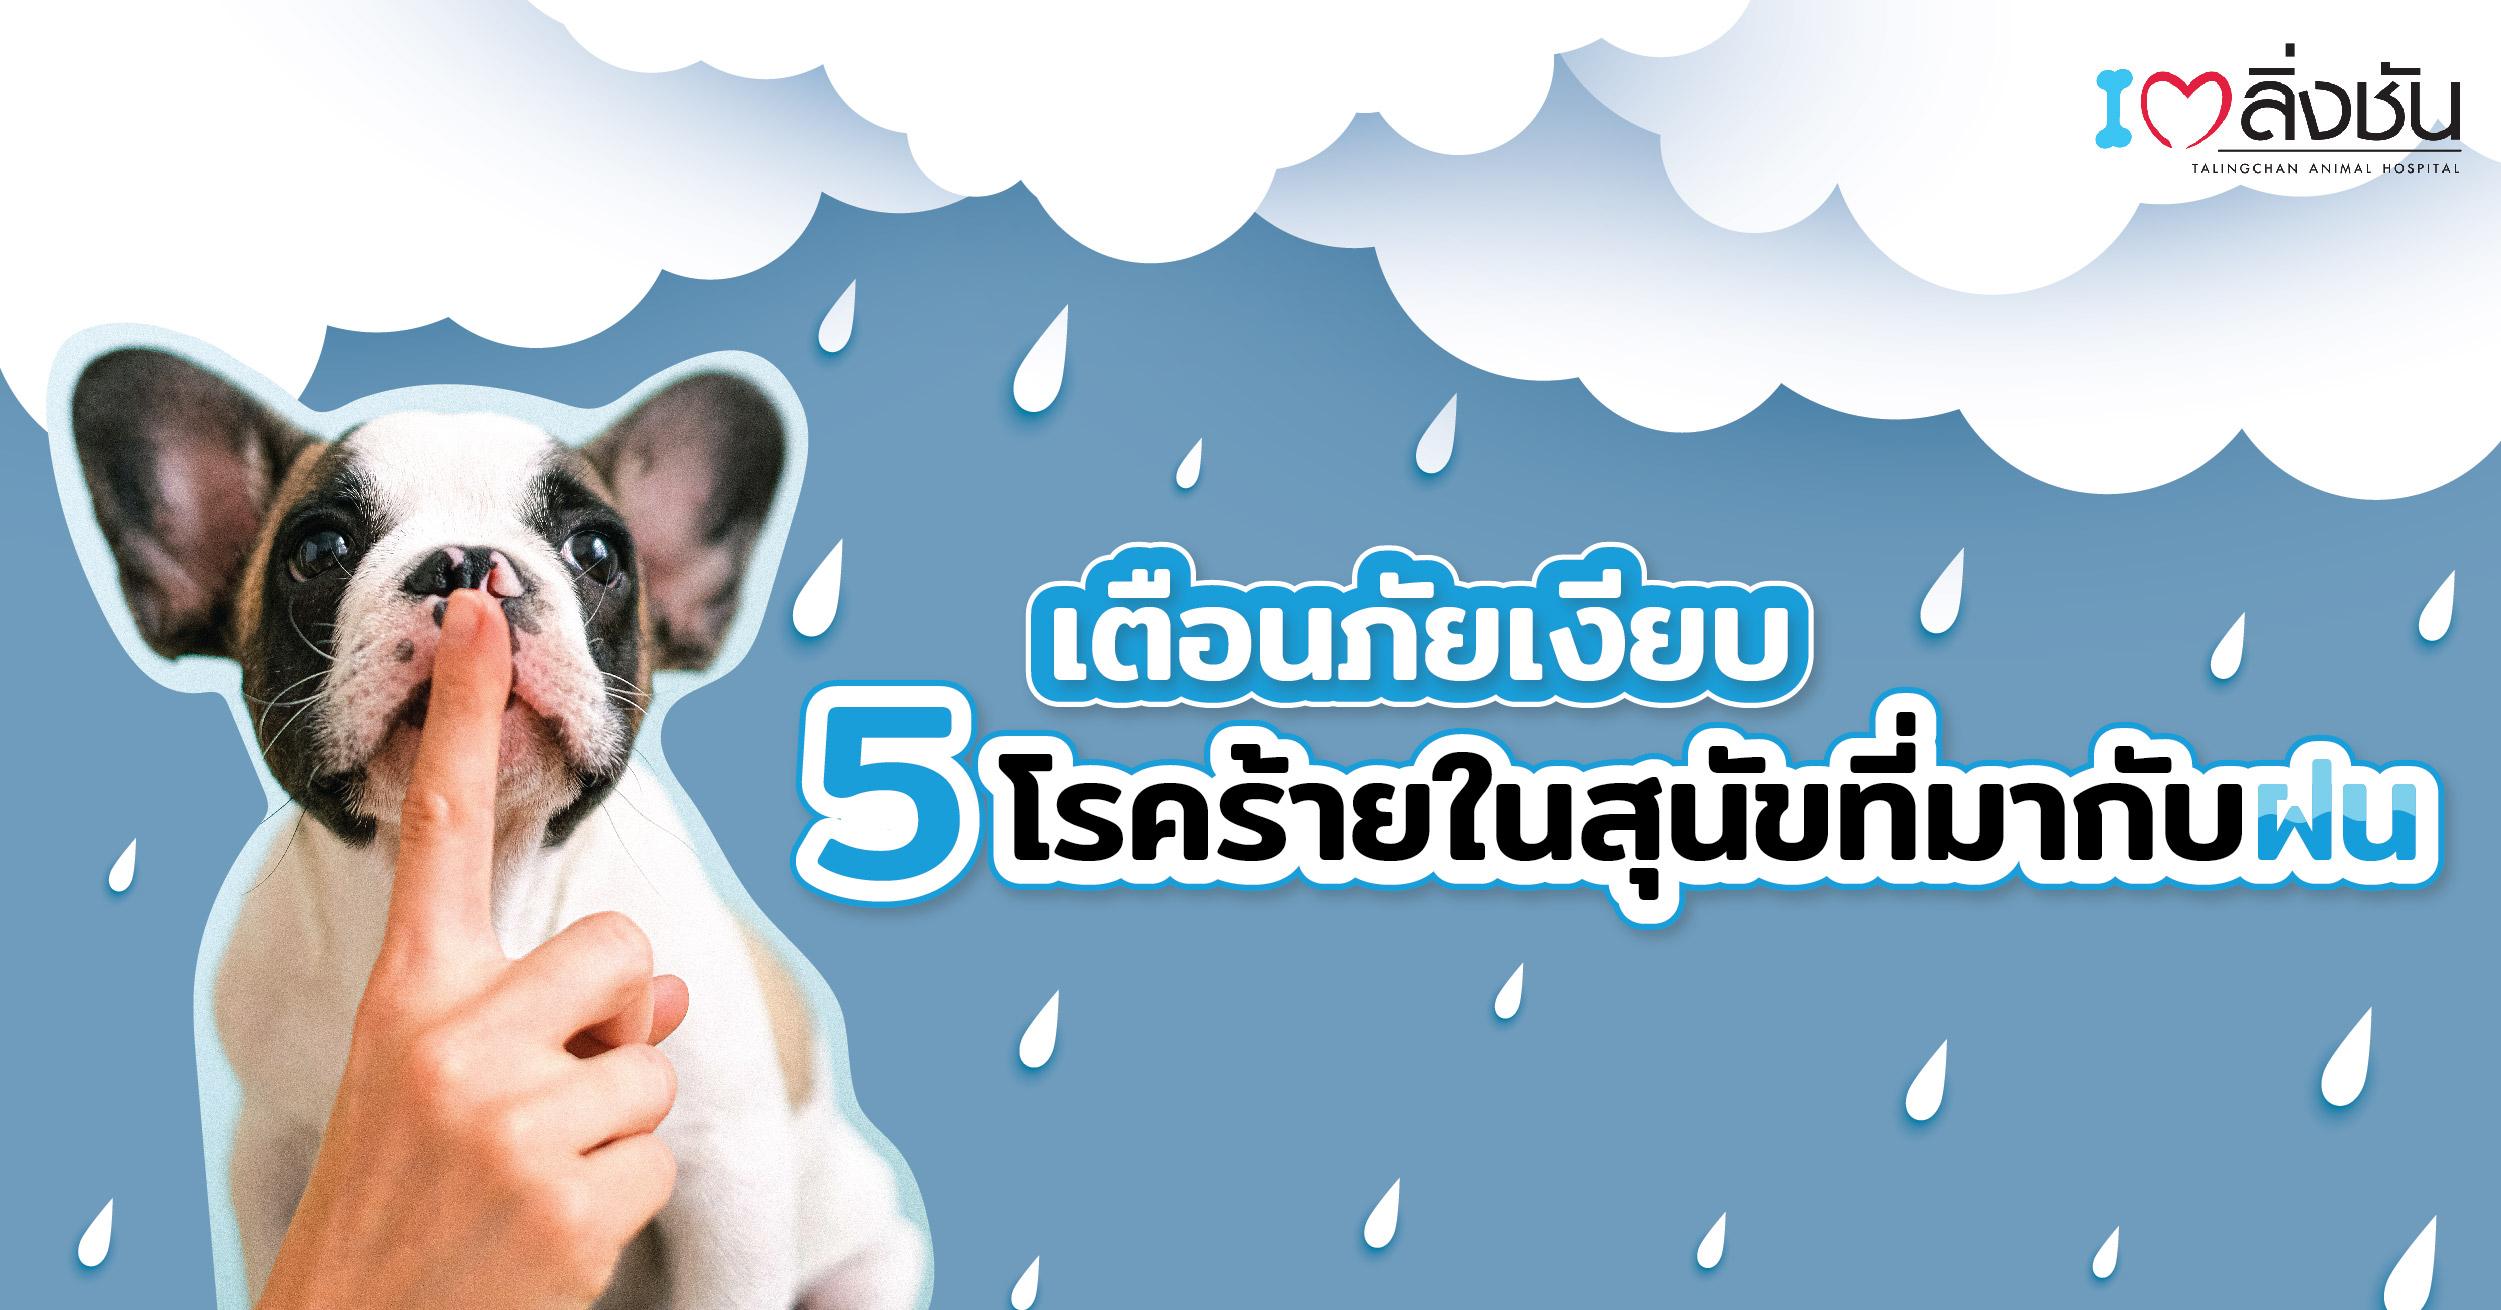 หน้าฝน-02